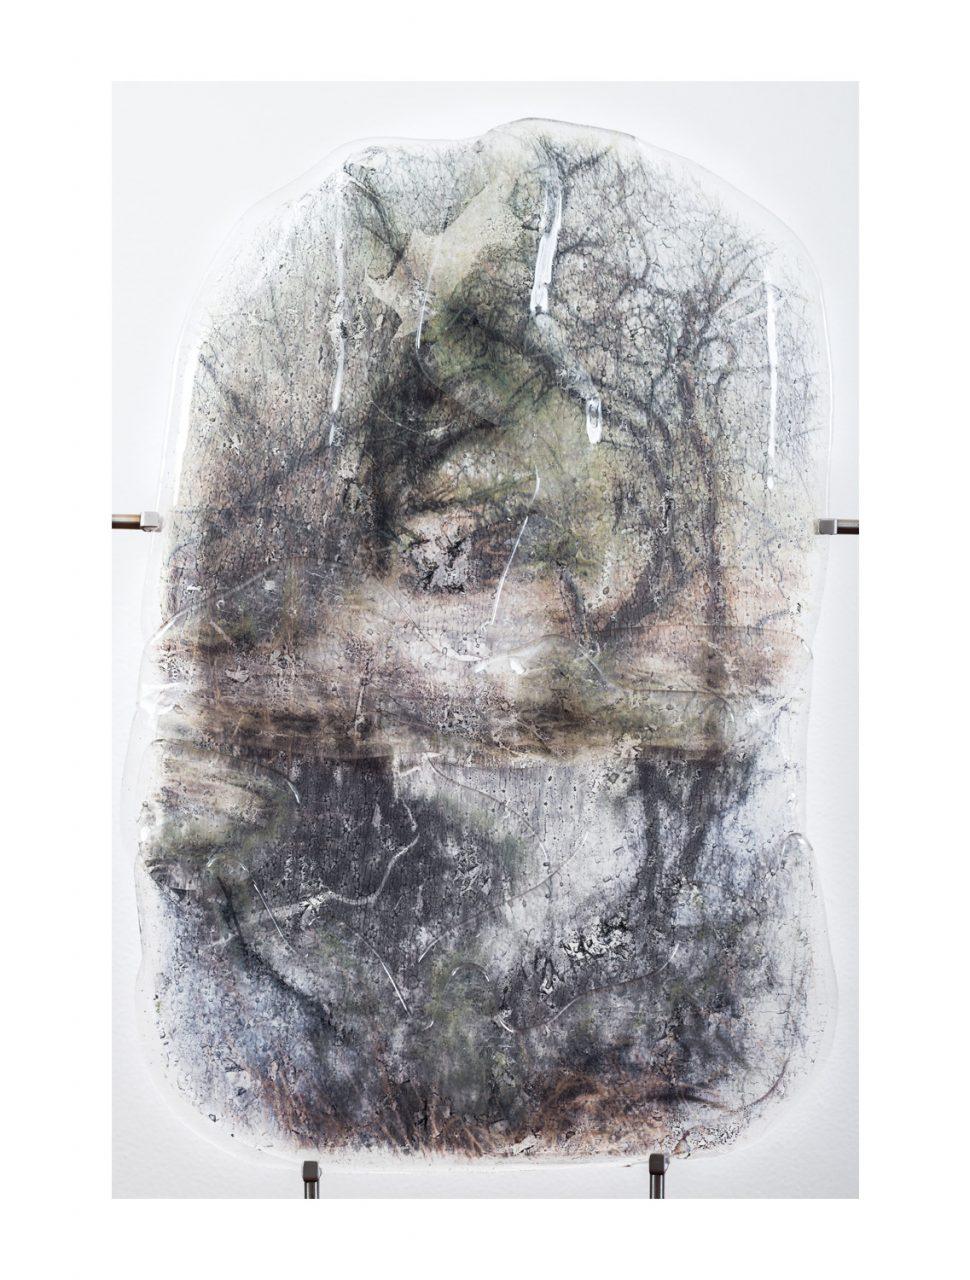 Waterhole Portal 2017 46 x 68 cm